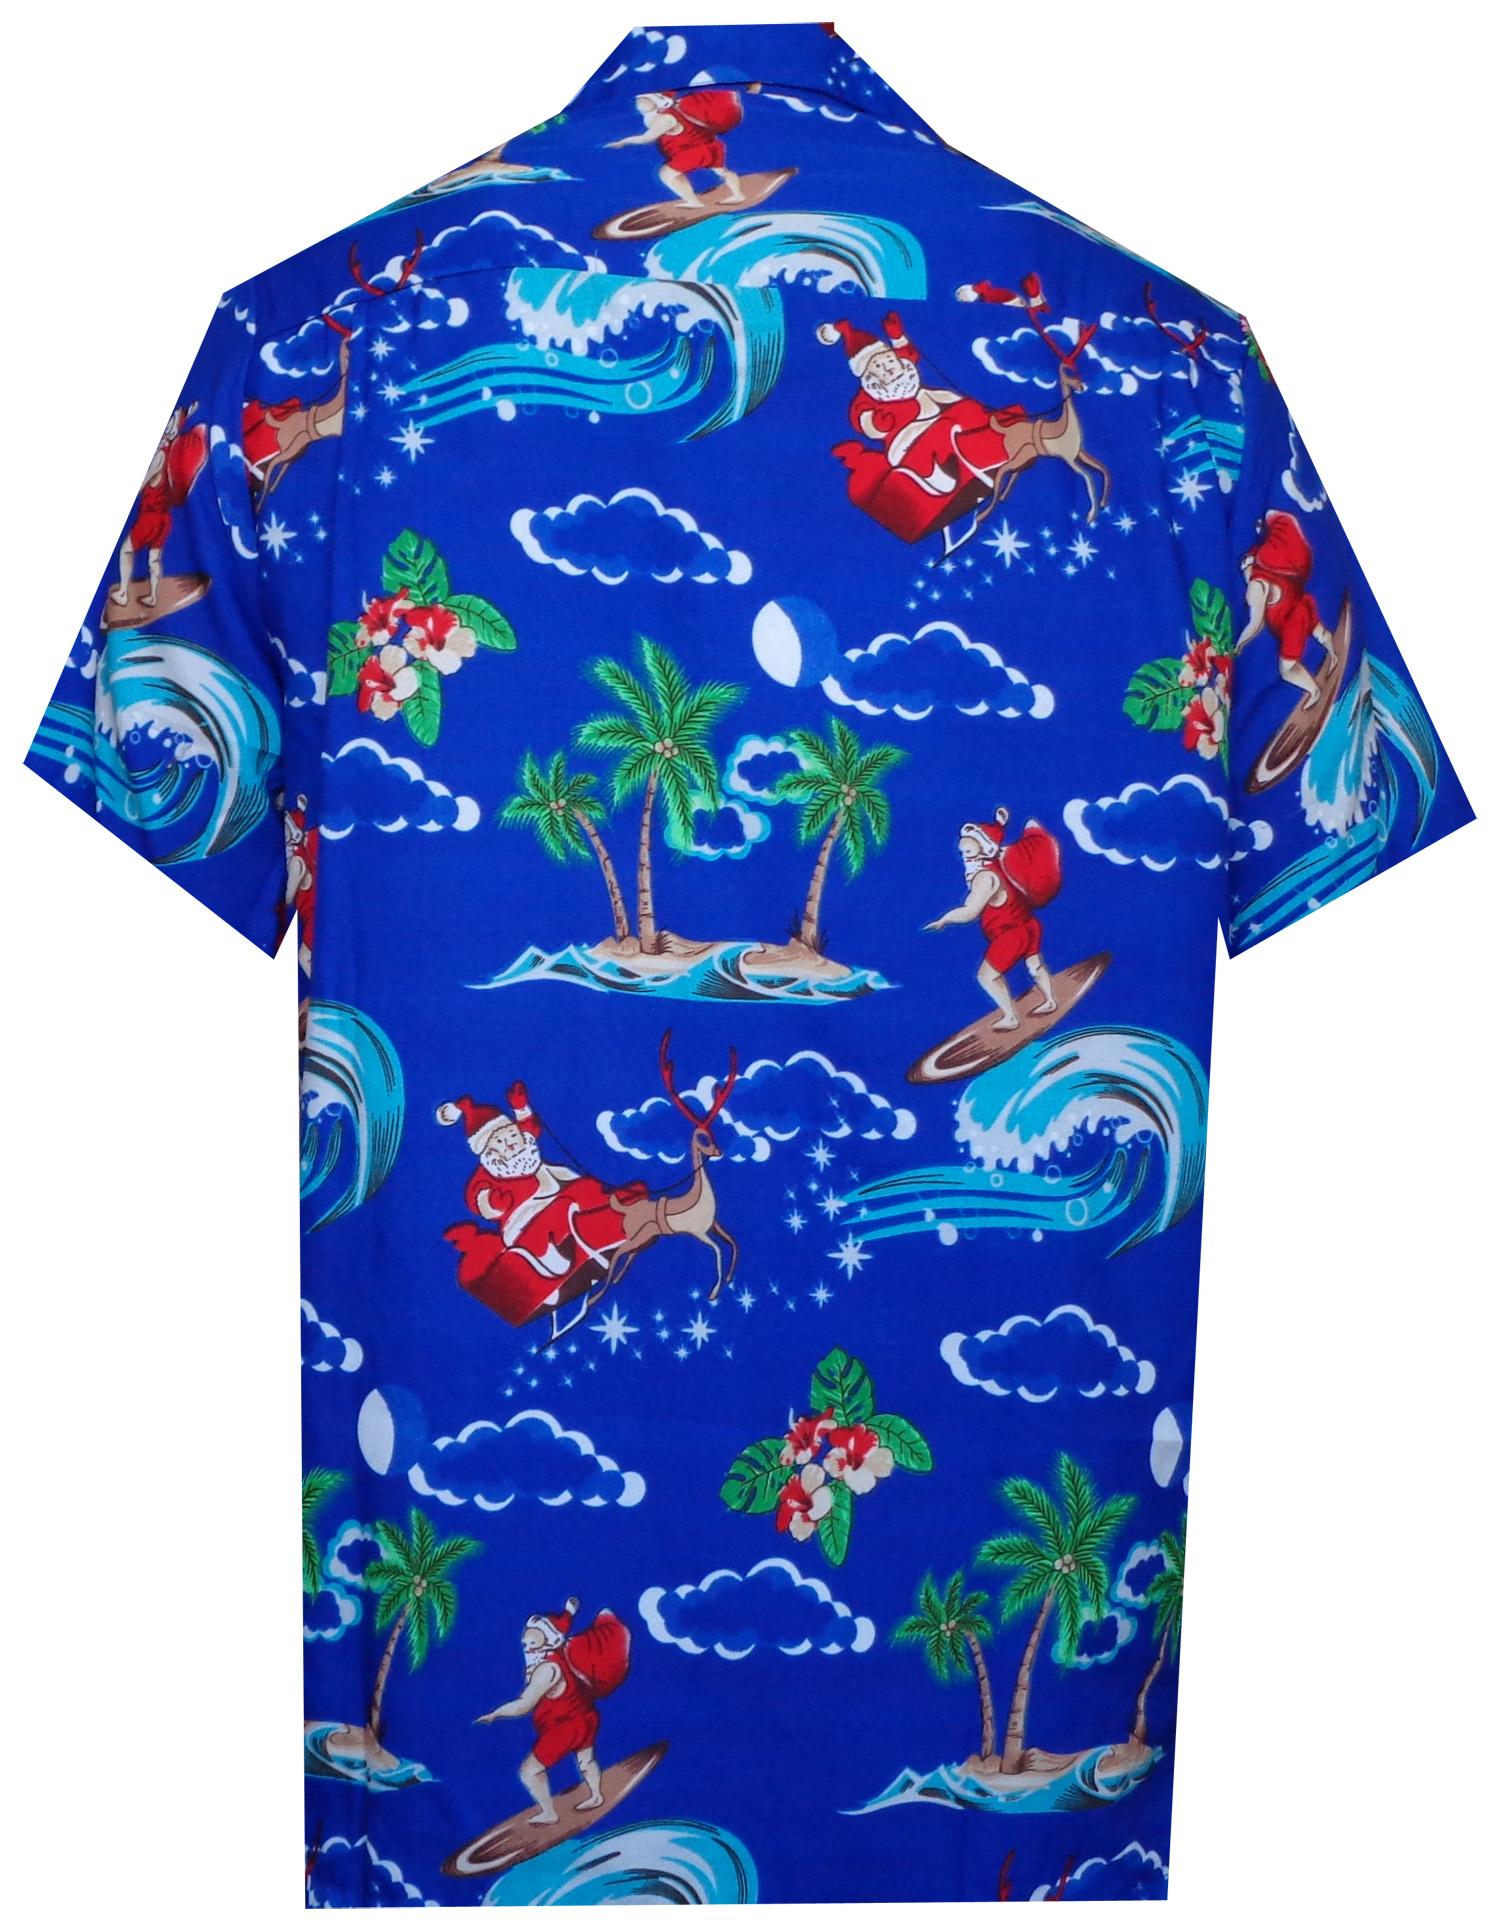 Christmas Hawaiian Shirt Australia.Hawaiian Shirt Mens Christmas Santa Claus Party Aloha Holiday Beach Ebay